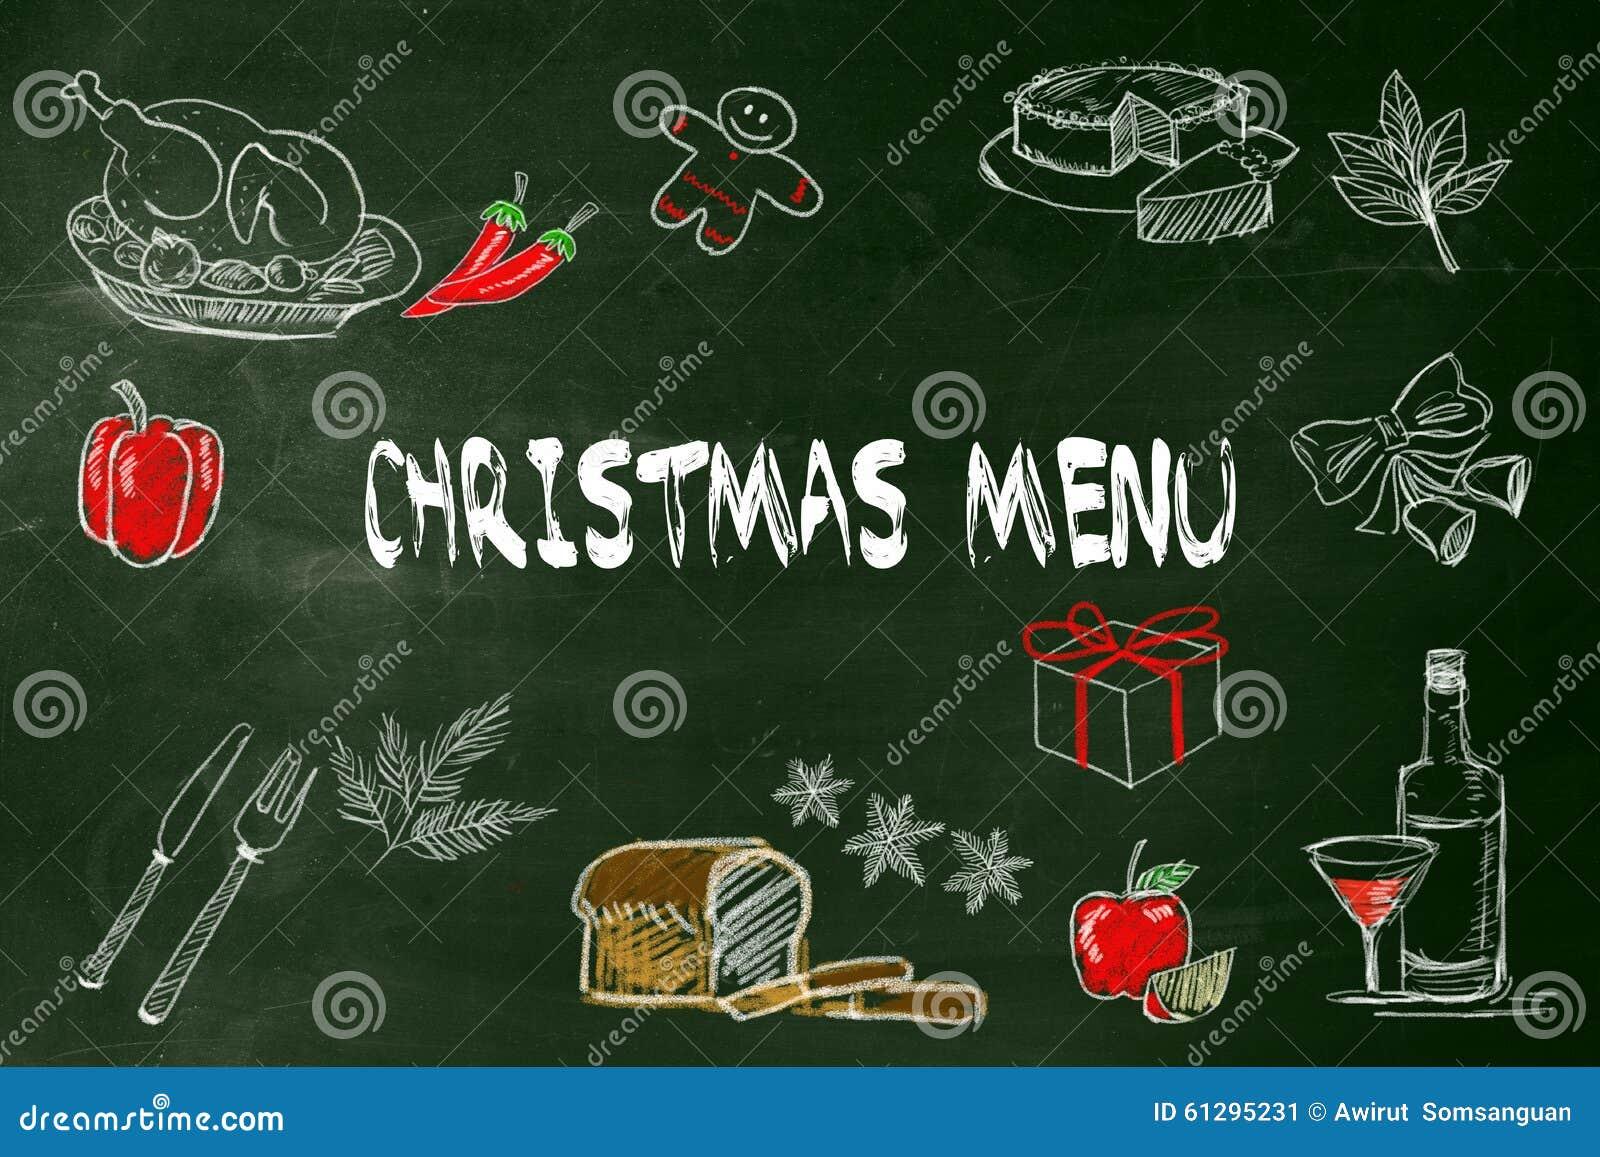 Dessin De Menu Pour Noel.Menu De Noel Avec La Photo De Dessin De Main Un Aliment Pour